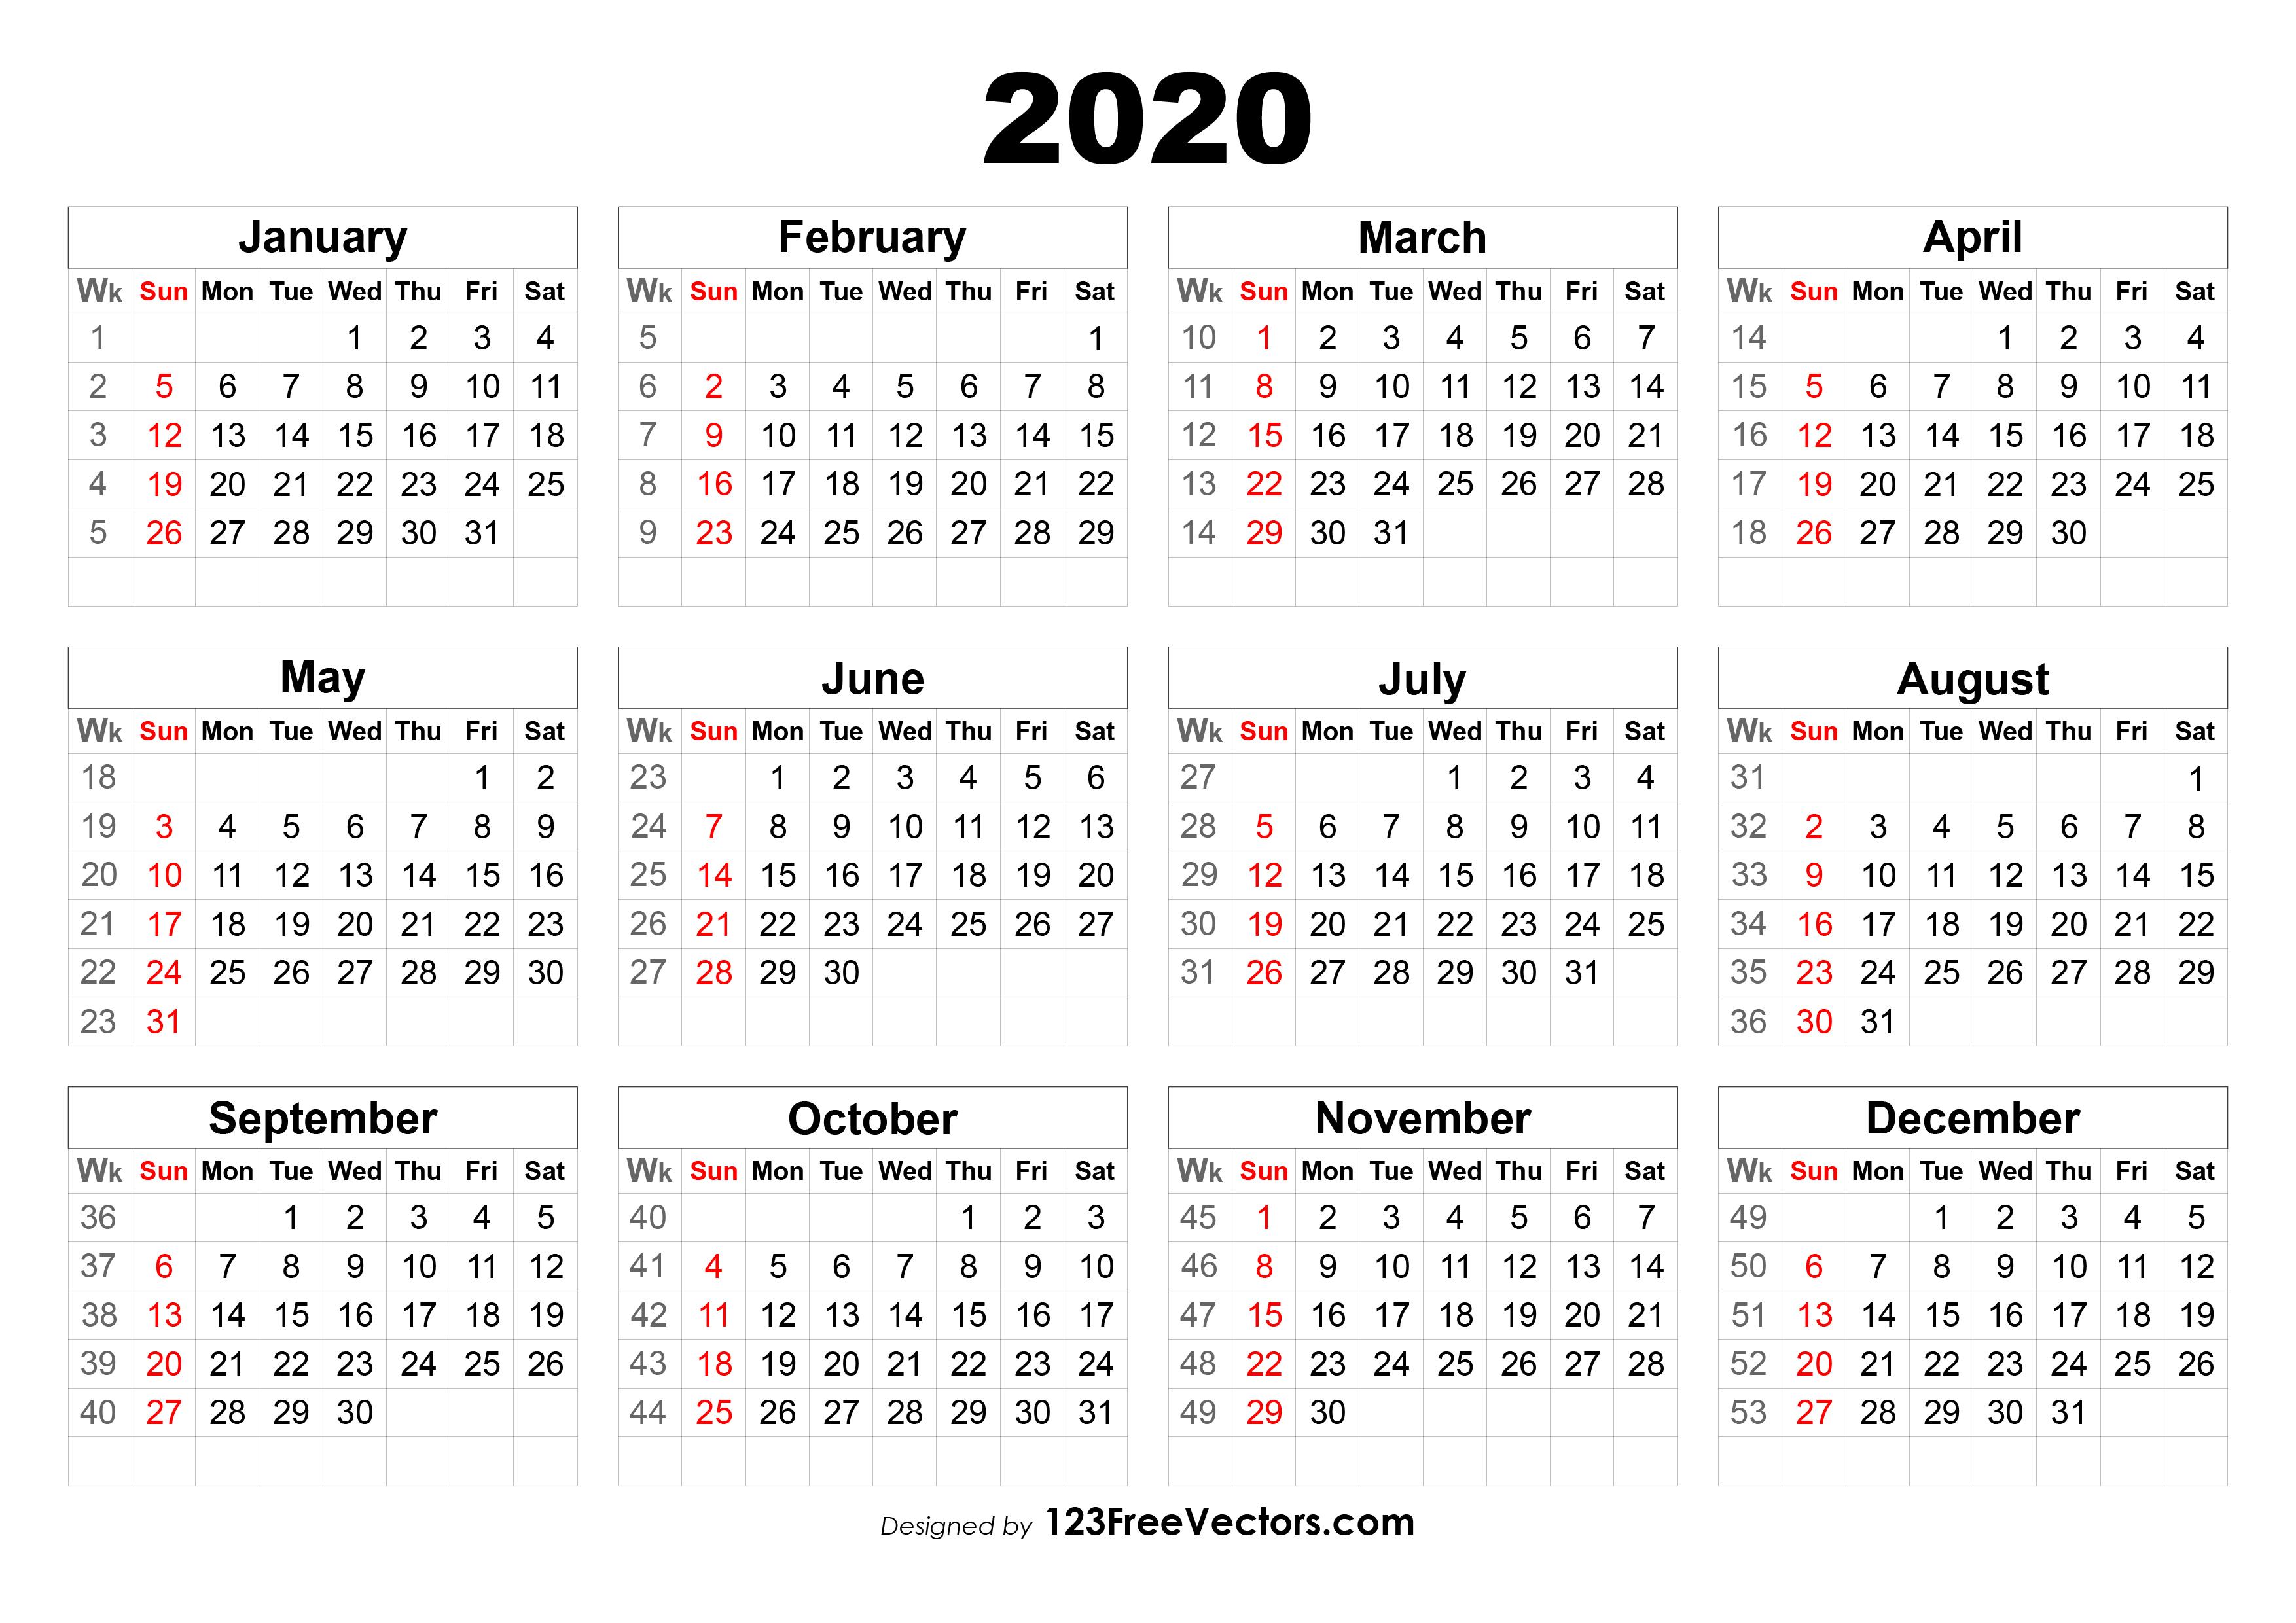 210+ 2020 Calendar Vectors | Download Free Vector Art